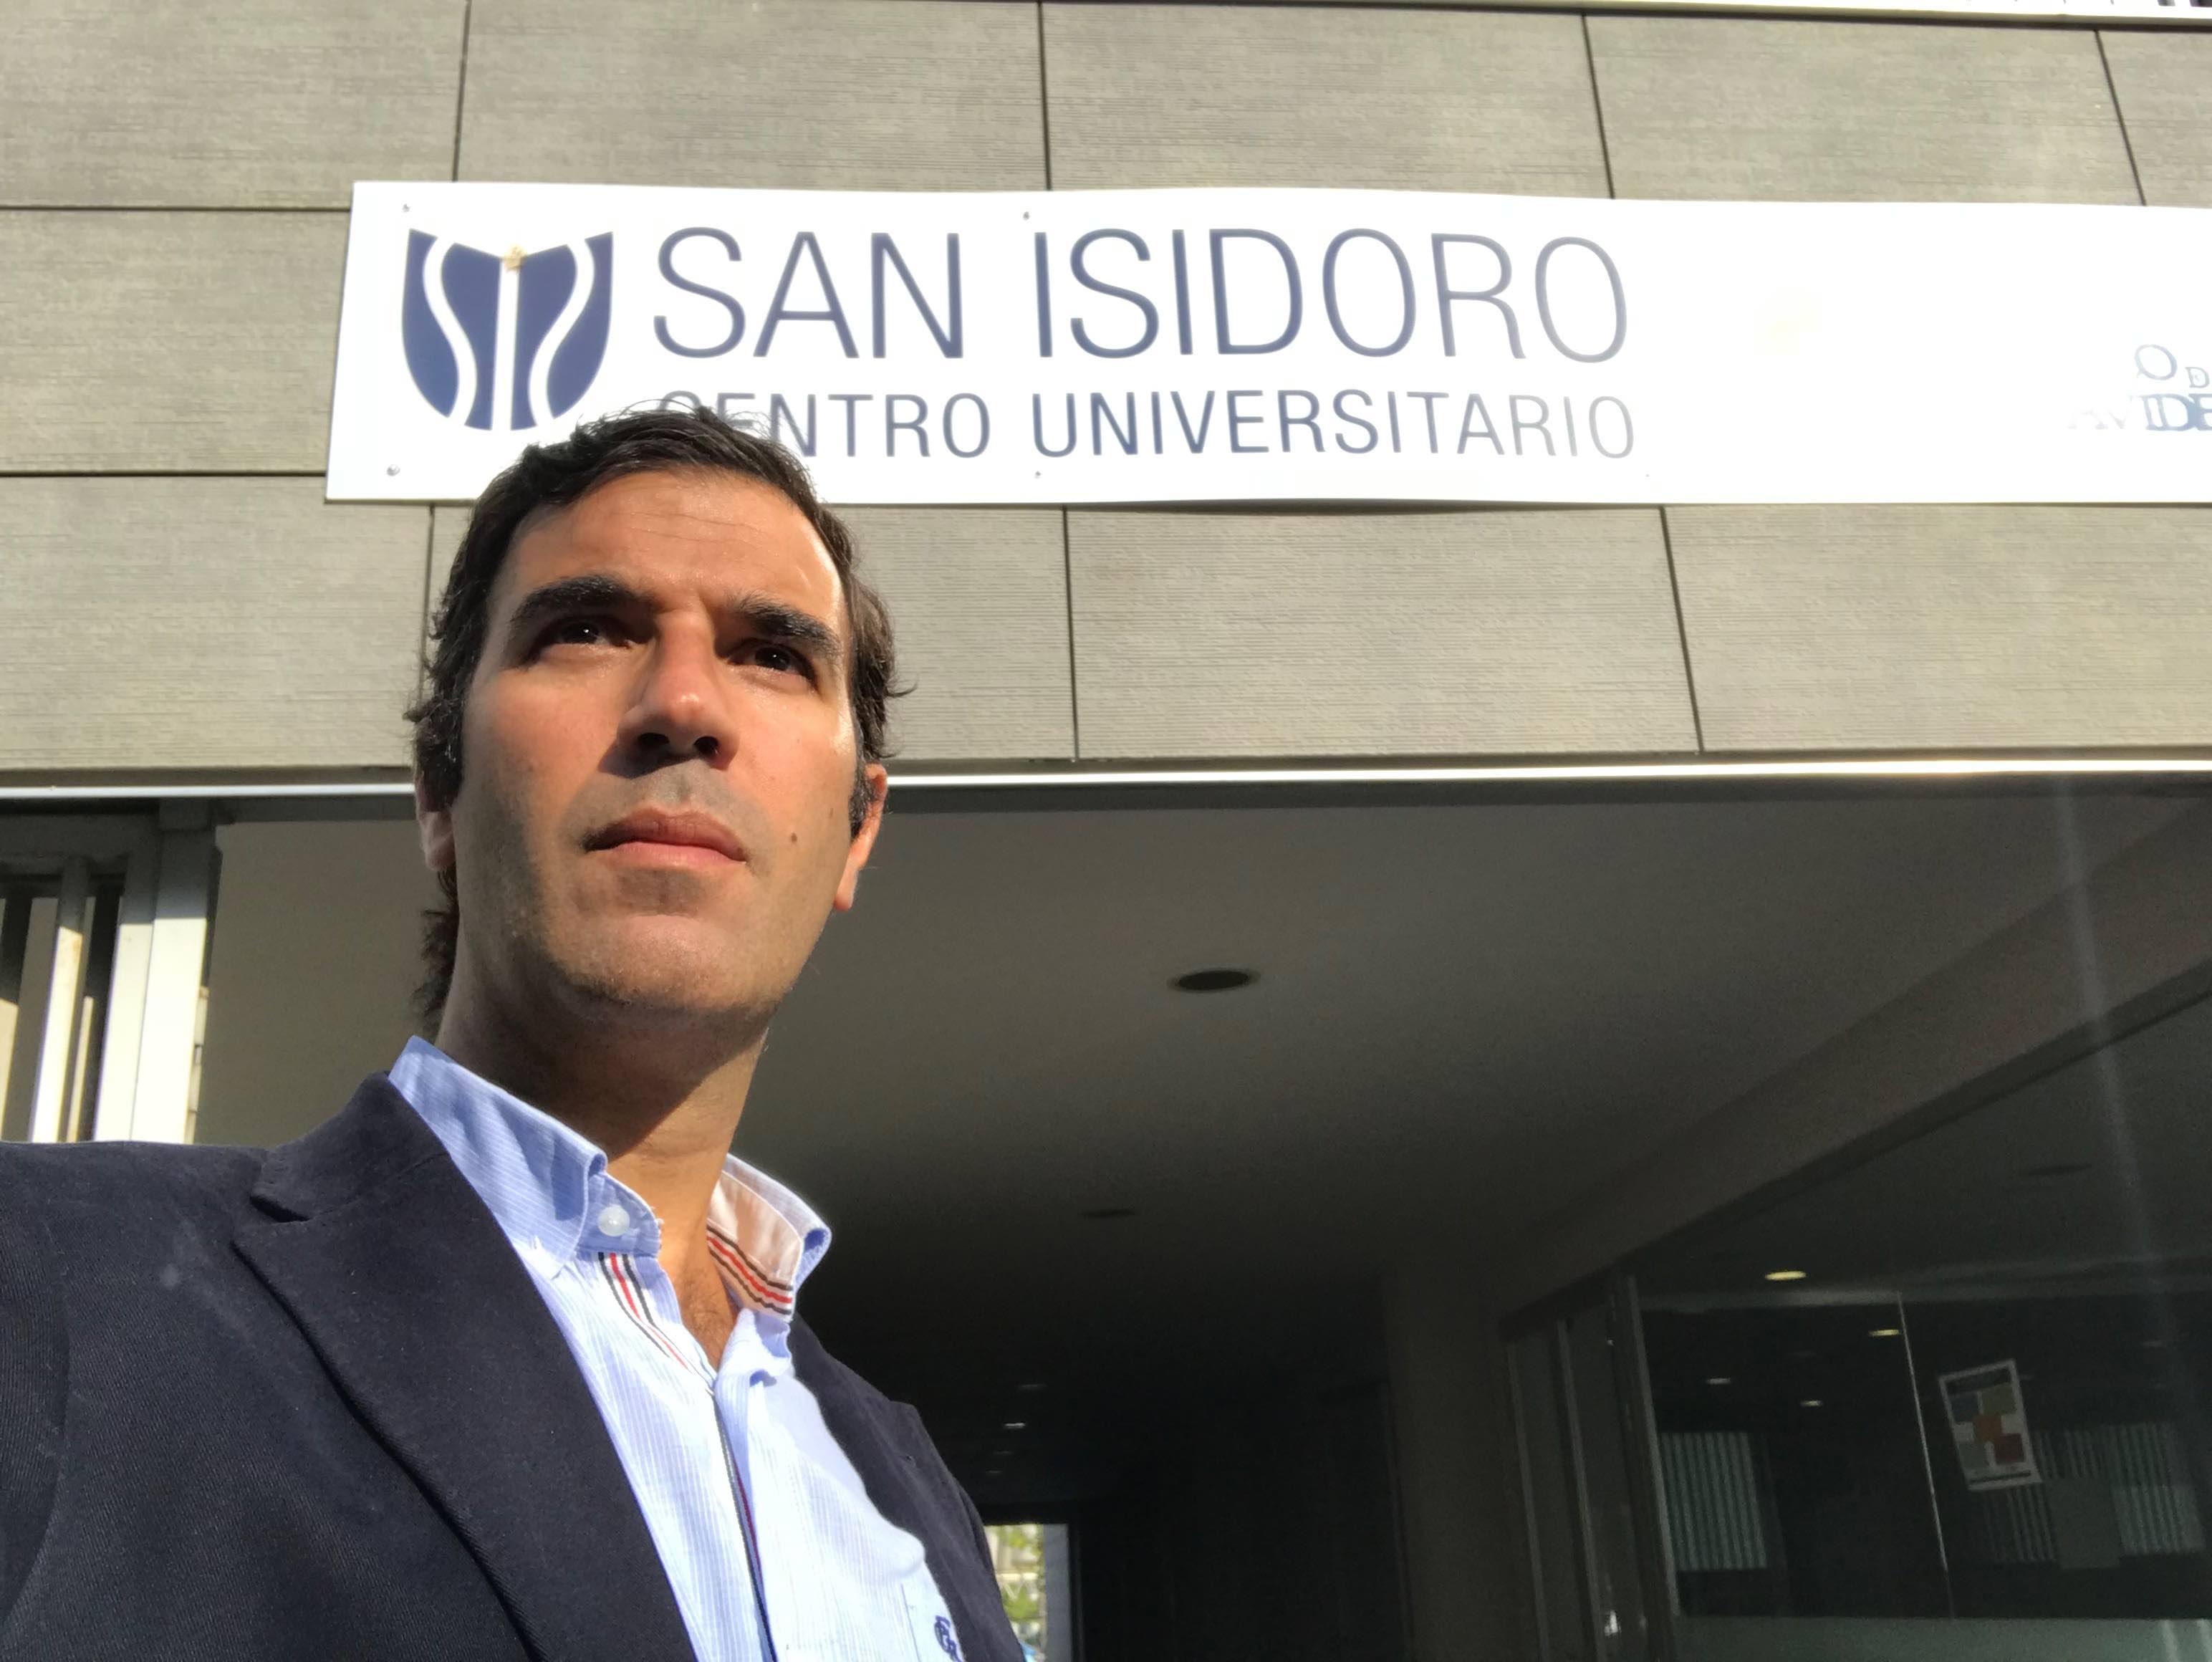 El Dr Bernáldez , Profesor del Grado de Fisioterapia en la UNIVERSIDAD SAN ISIDORO (CEADE) de Sevilla